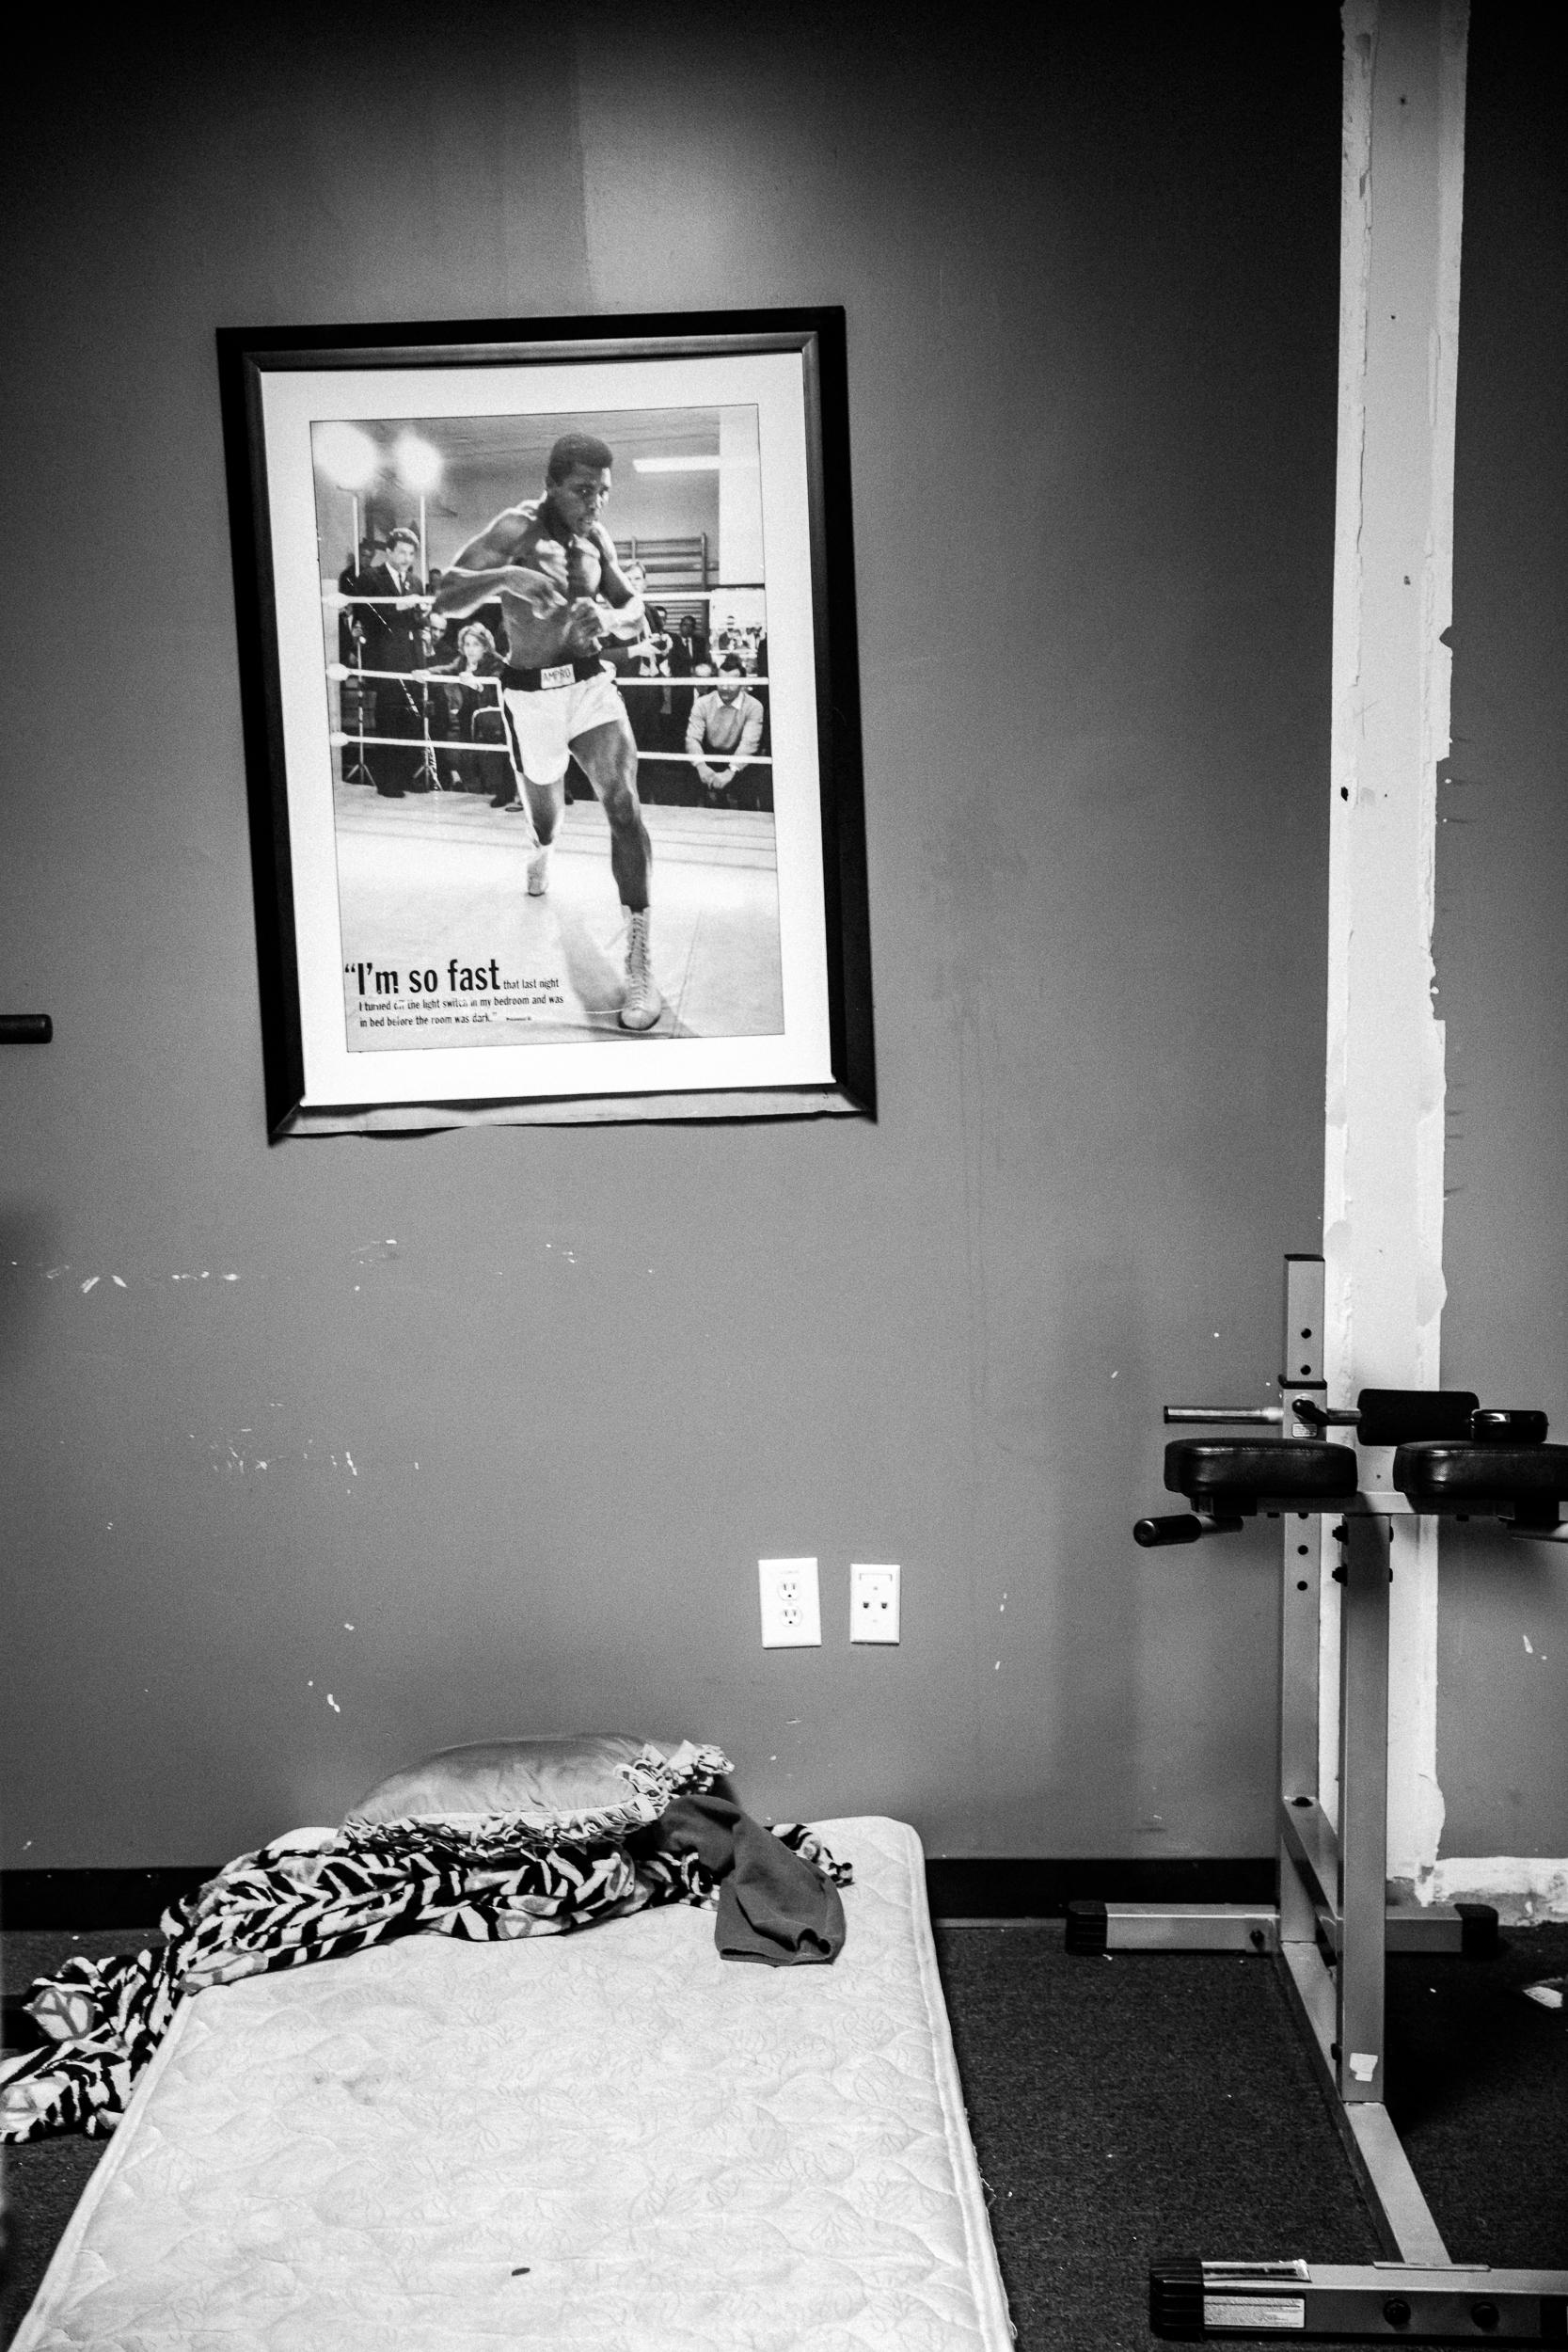 boxer cr-2.jpg